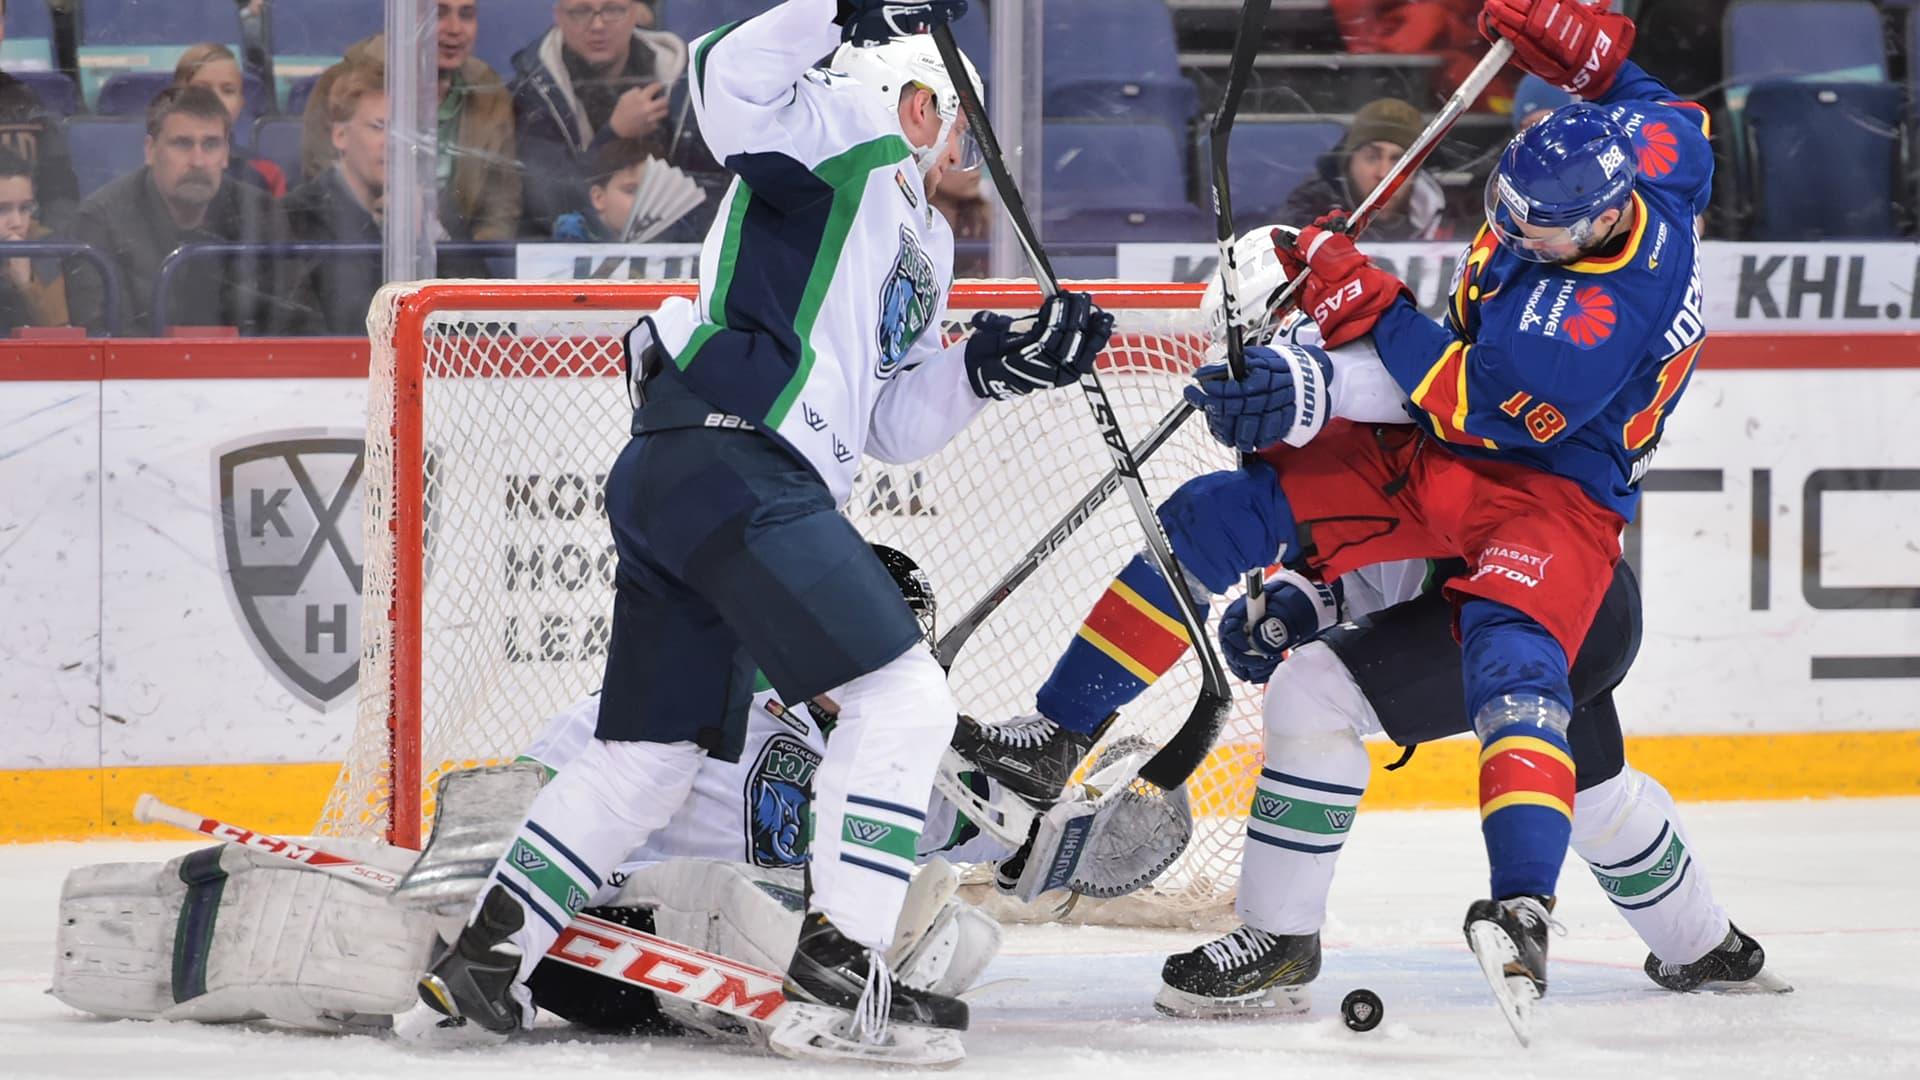 KHL: Jesse Joensuu taklasi Jugra-pelaajan vaihtoaitioon asti